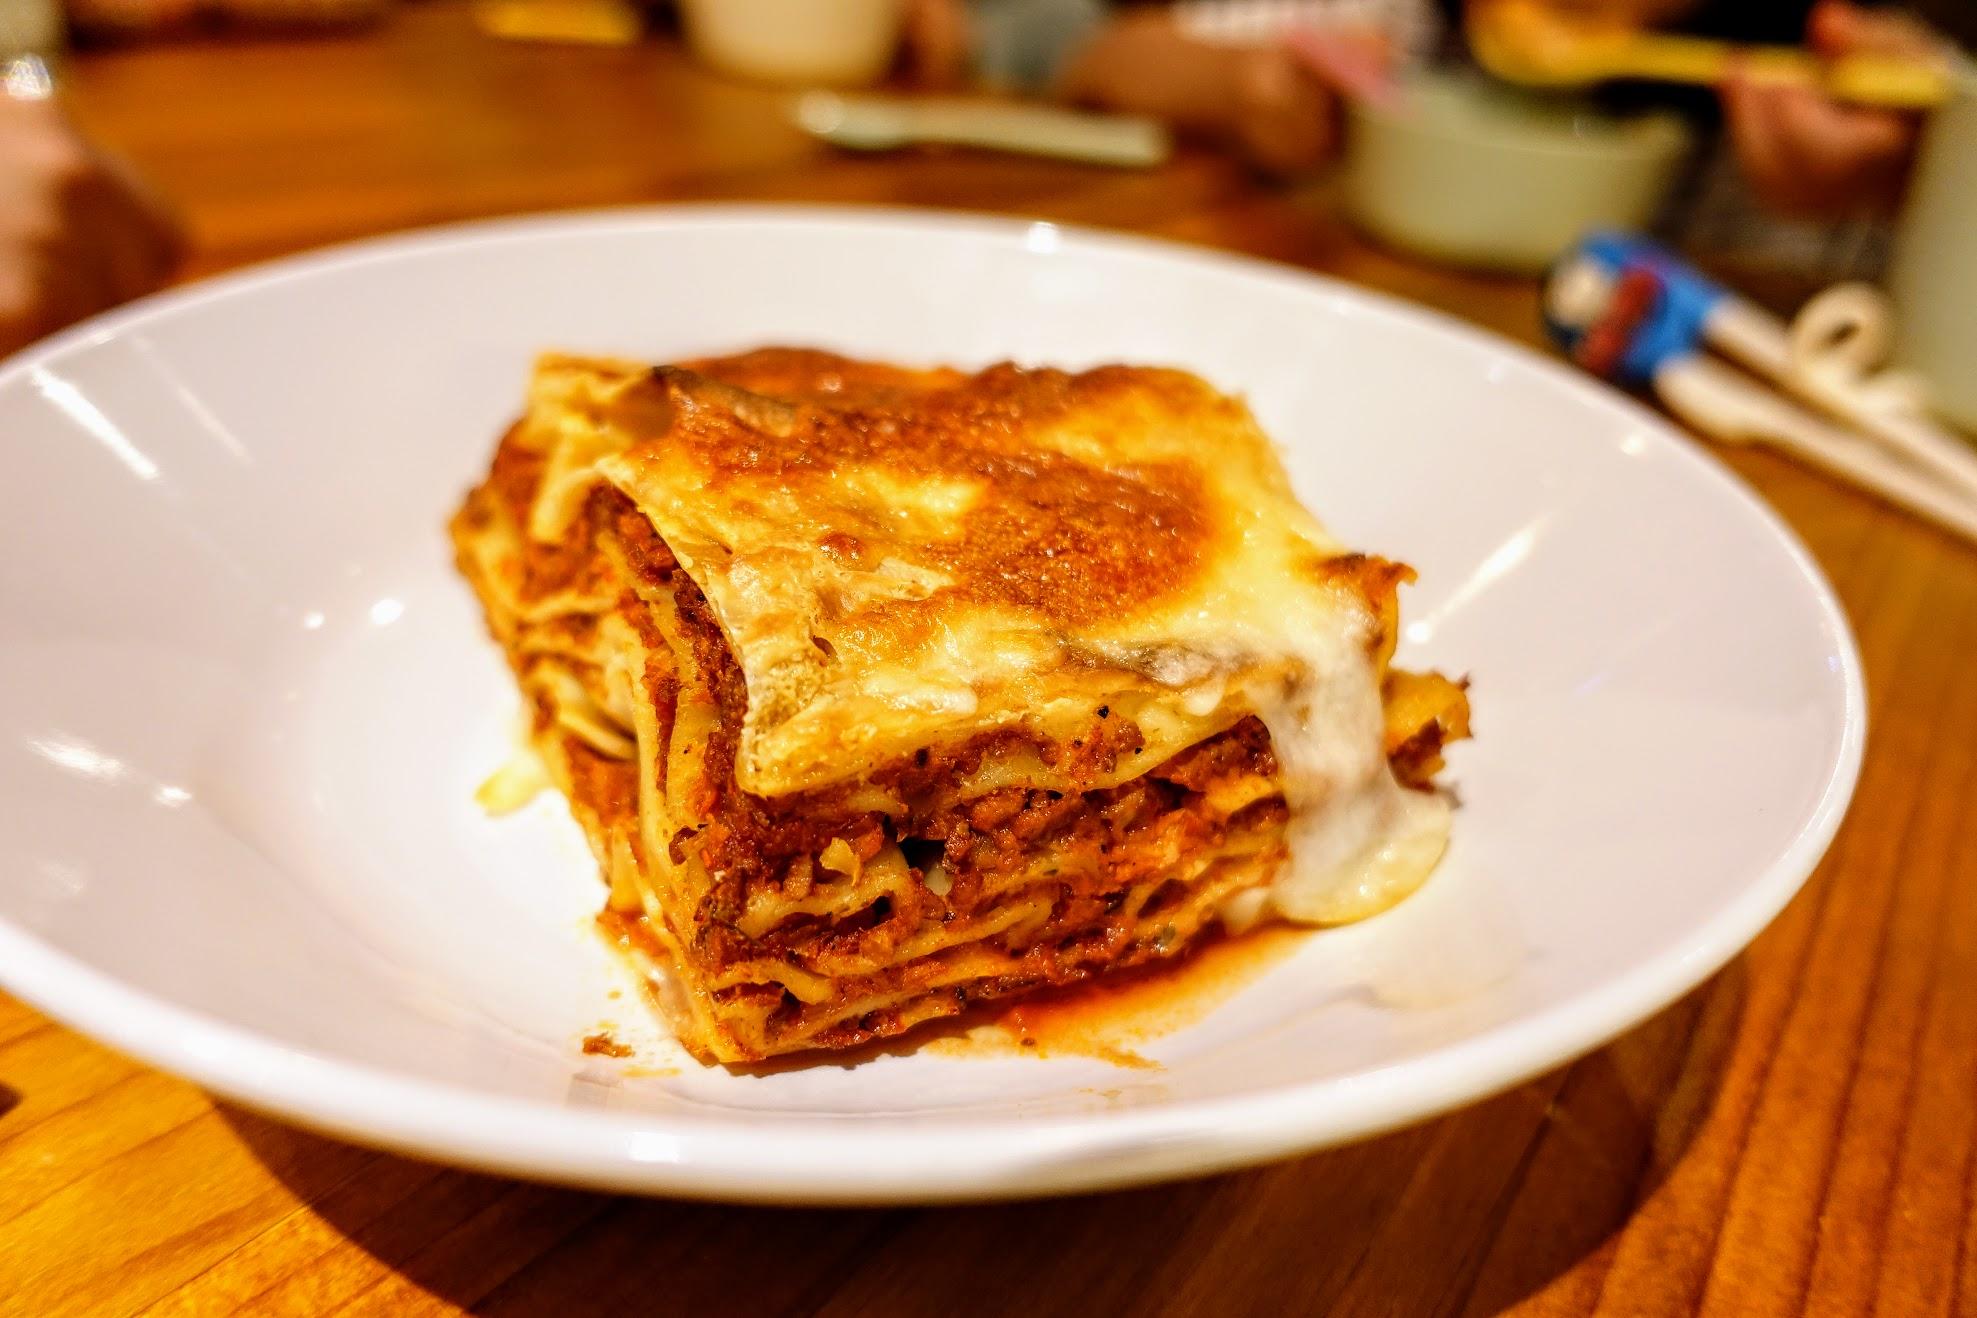 波隆那肉醬千層麵,是焗烤的,中間一層一層夾著肉醬,用起司去烤,吃起來帶著點甜甜和起司的香味